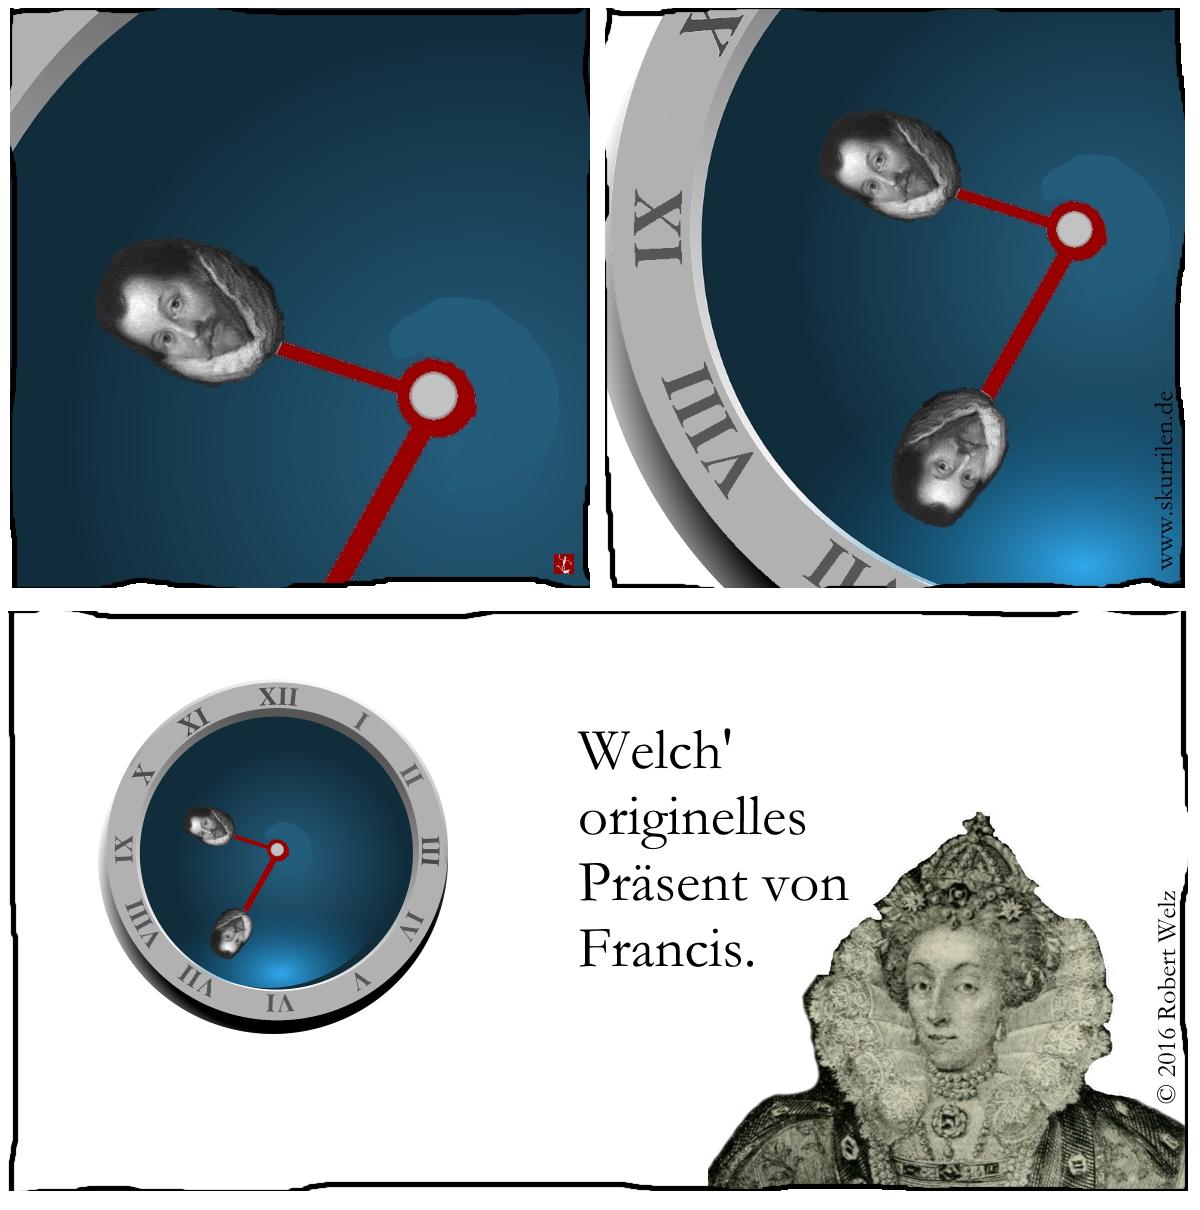 Lustige Fantasy. Der Comic-Pirat der Königin hat immer wieder die besten Ideen für seine Elisabeth.